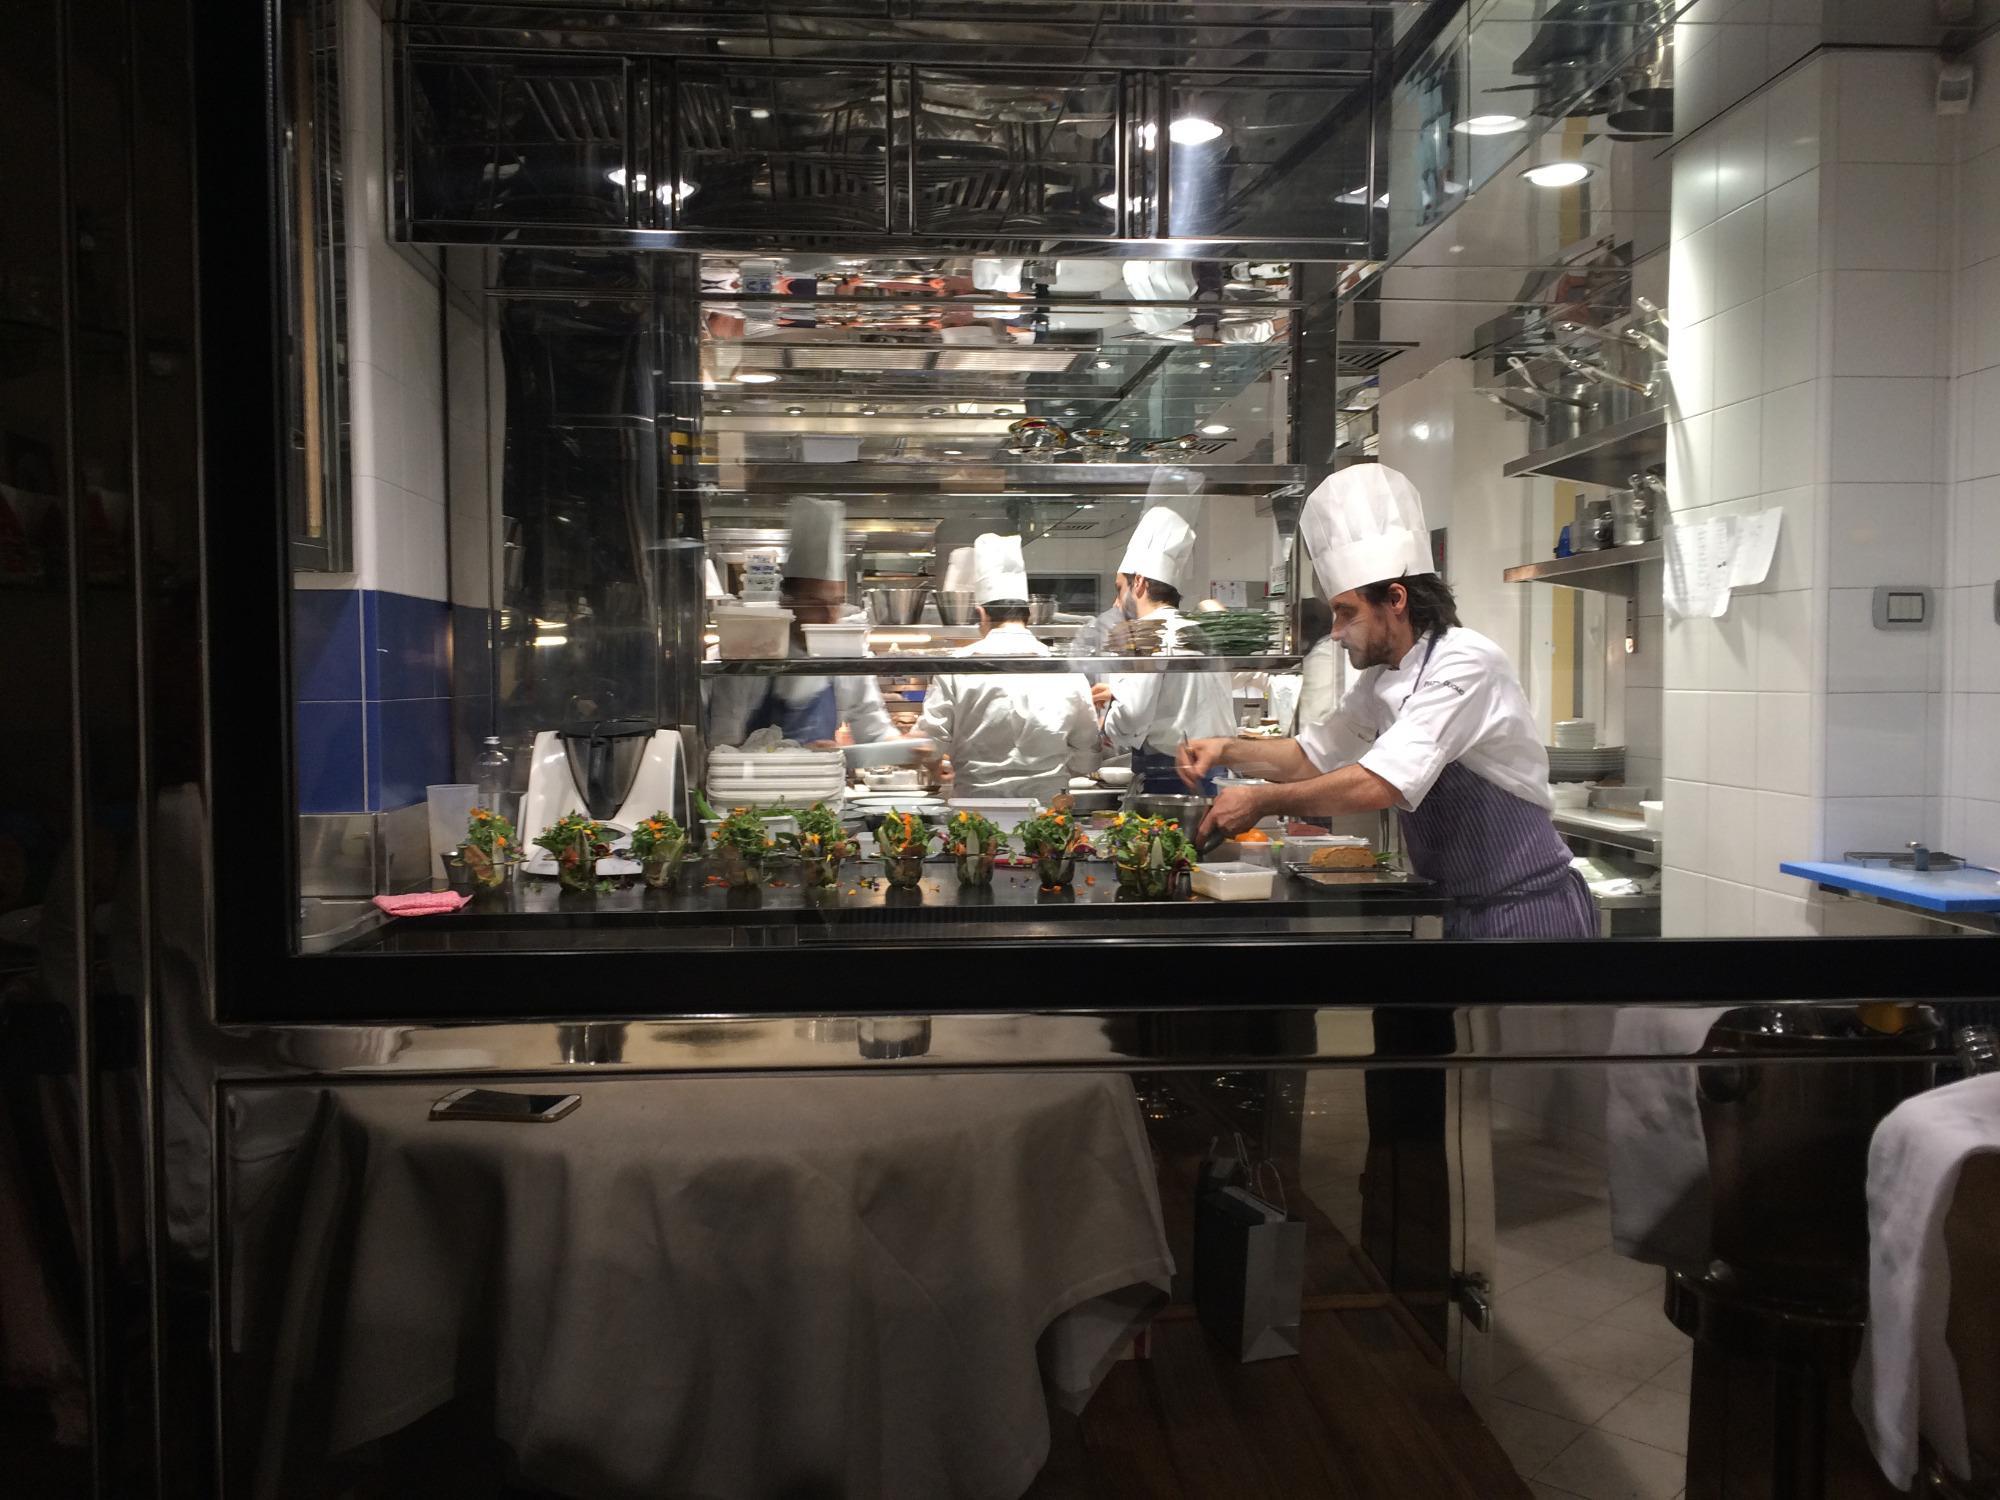 8-migliore-ristorante-di-lusso-tripadvisor-piazza-duomo